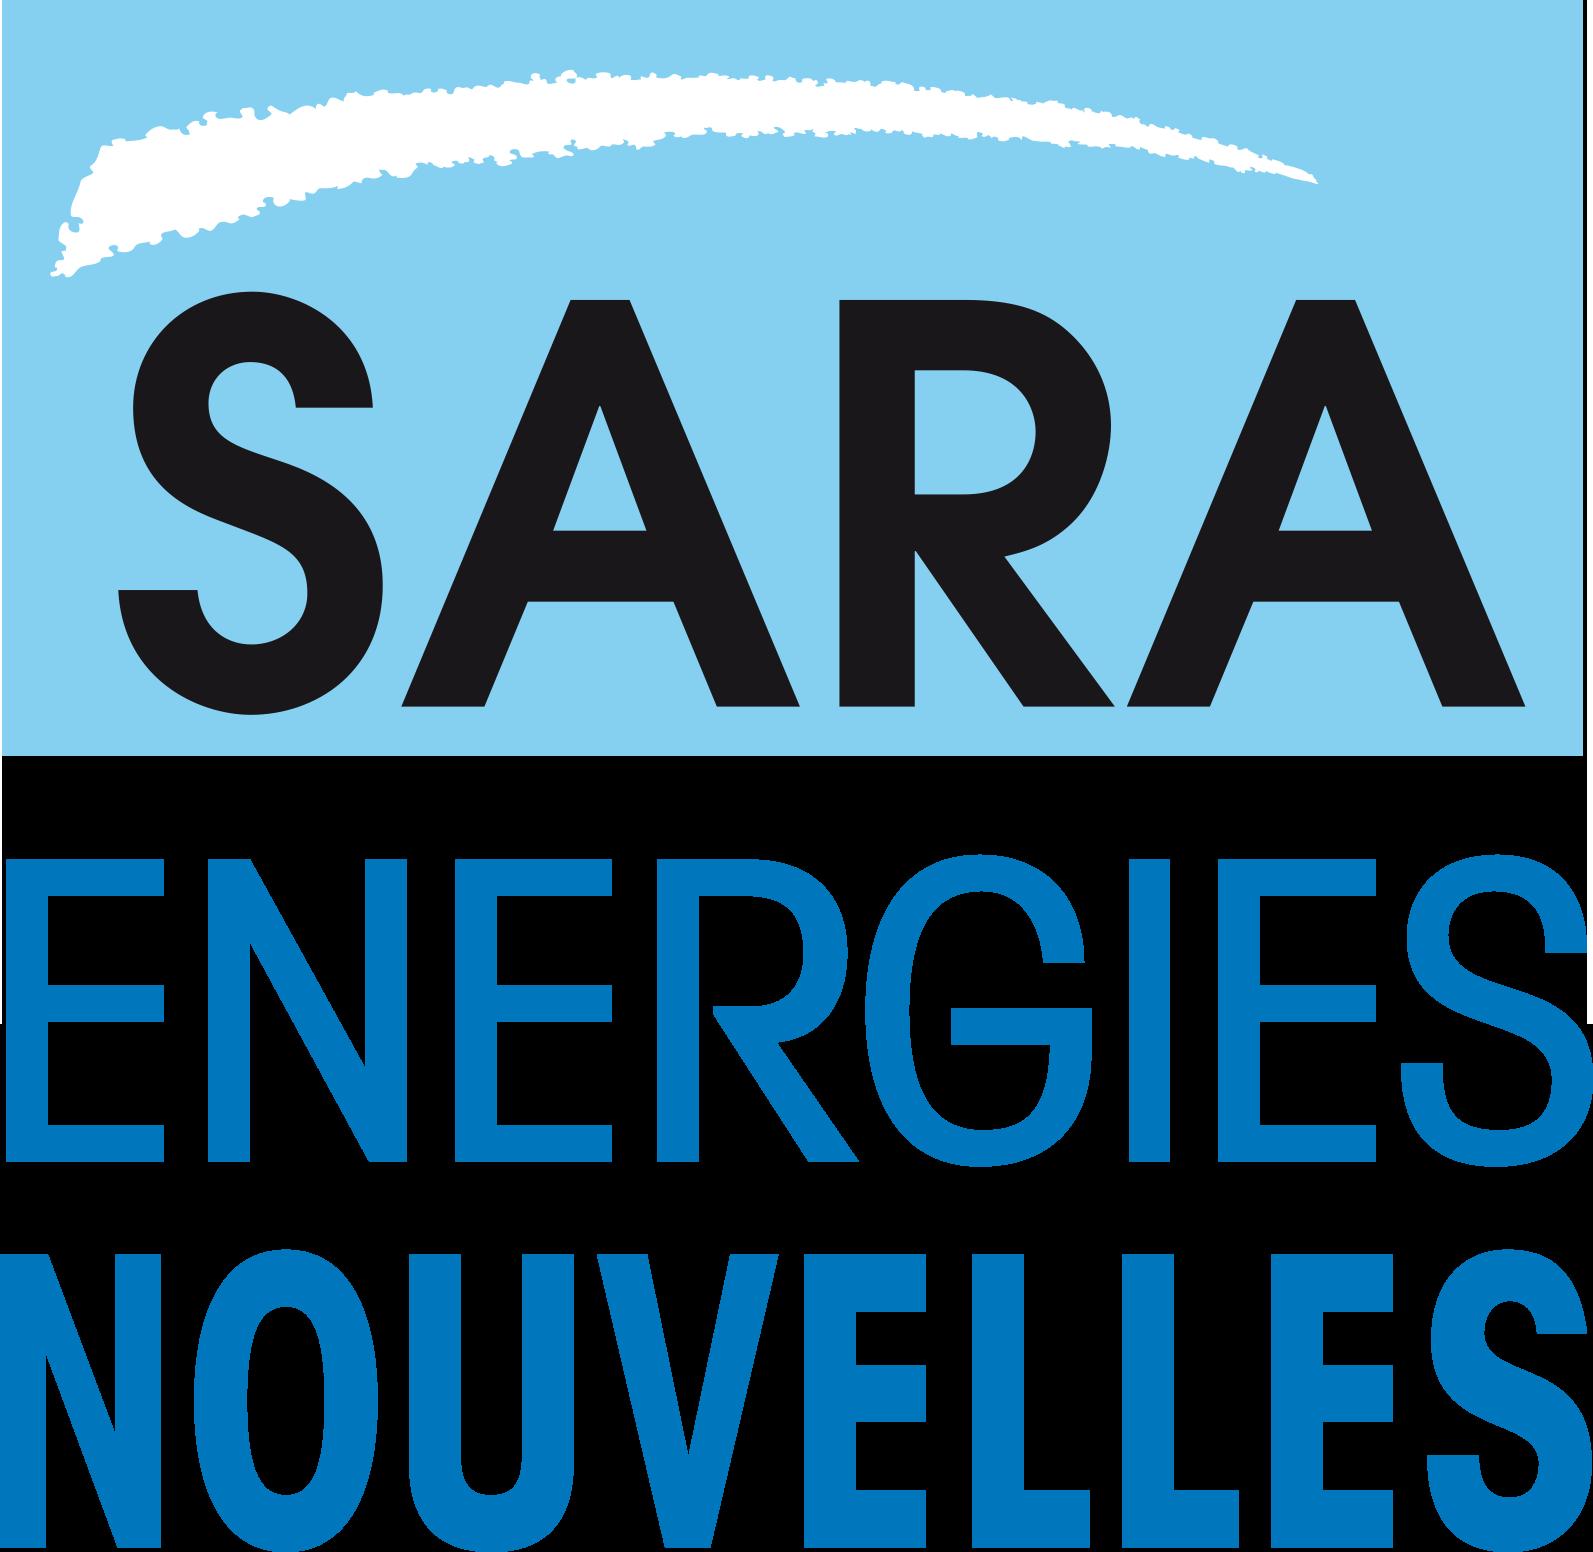 SARA Energies nouvelles